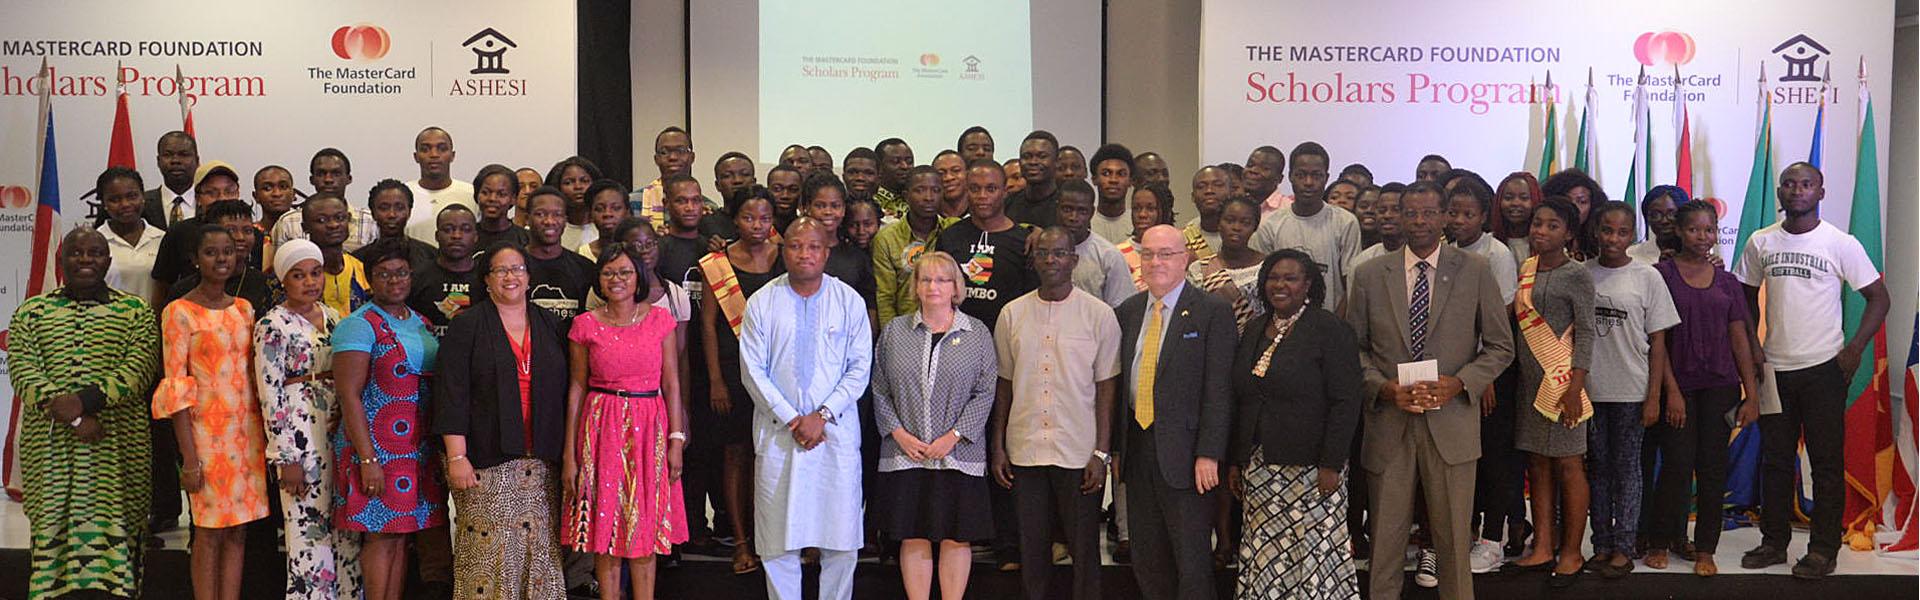 Ashesi University and The MasterCard Foundation.